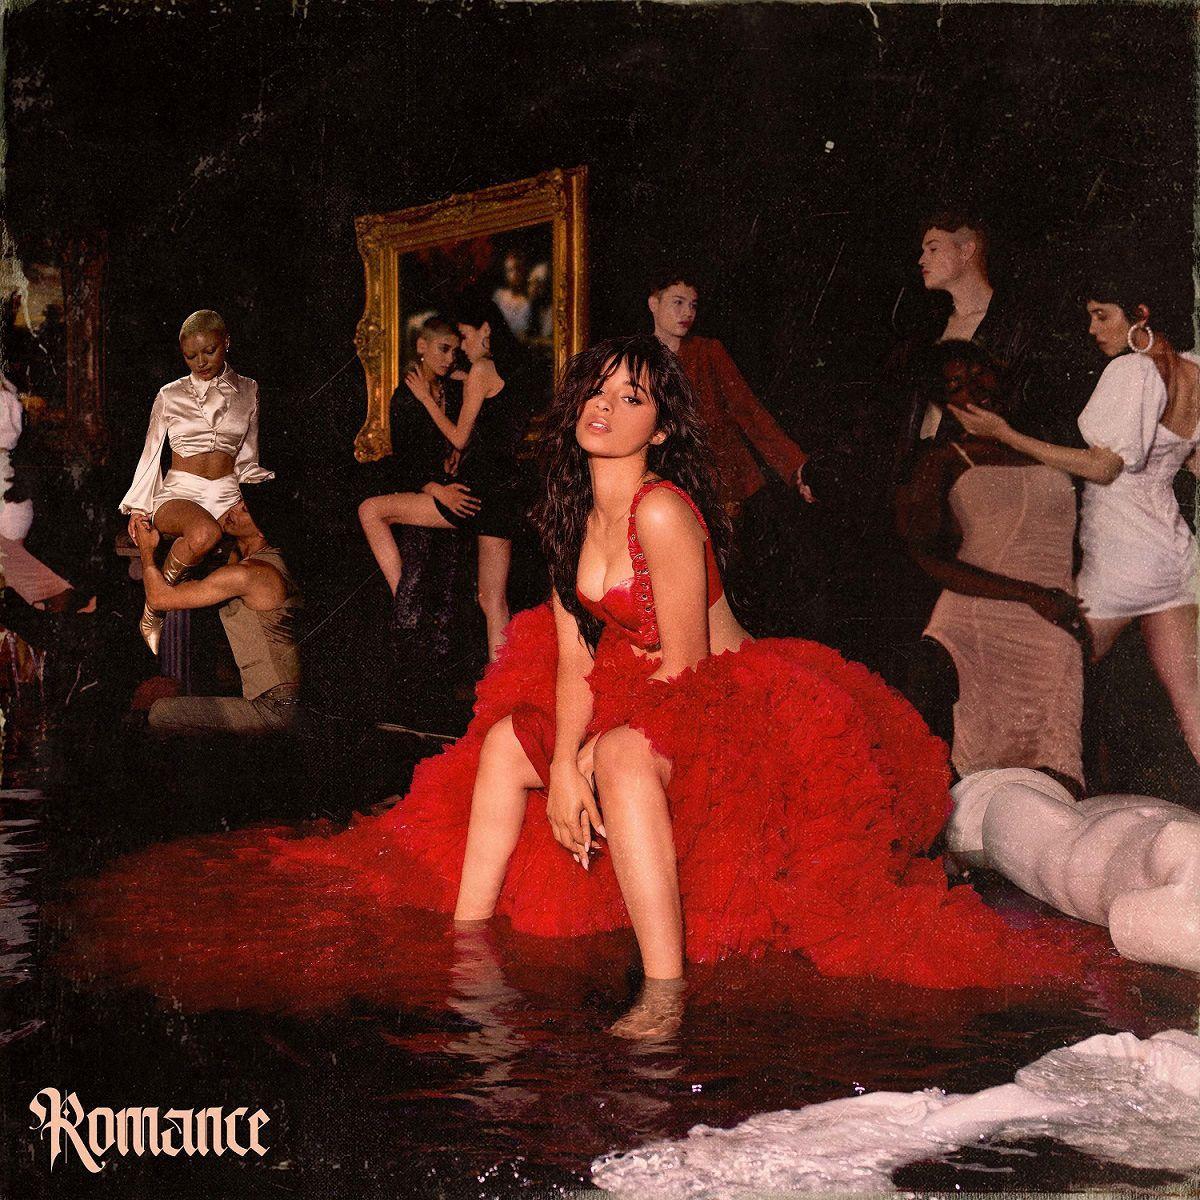 新アルバム『ロマンス』をリリース! 情熱の歌姫、カミラ・カベロを徹底解説! 画像